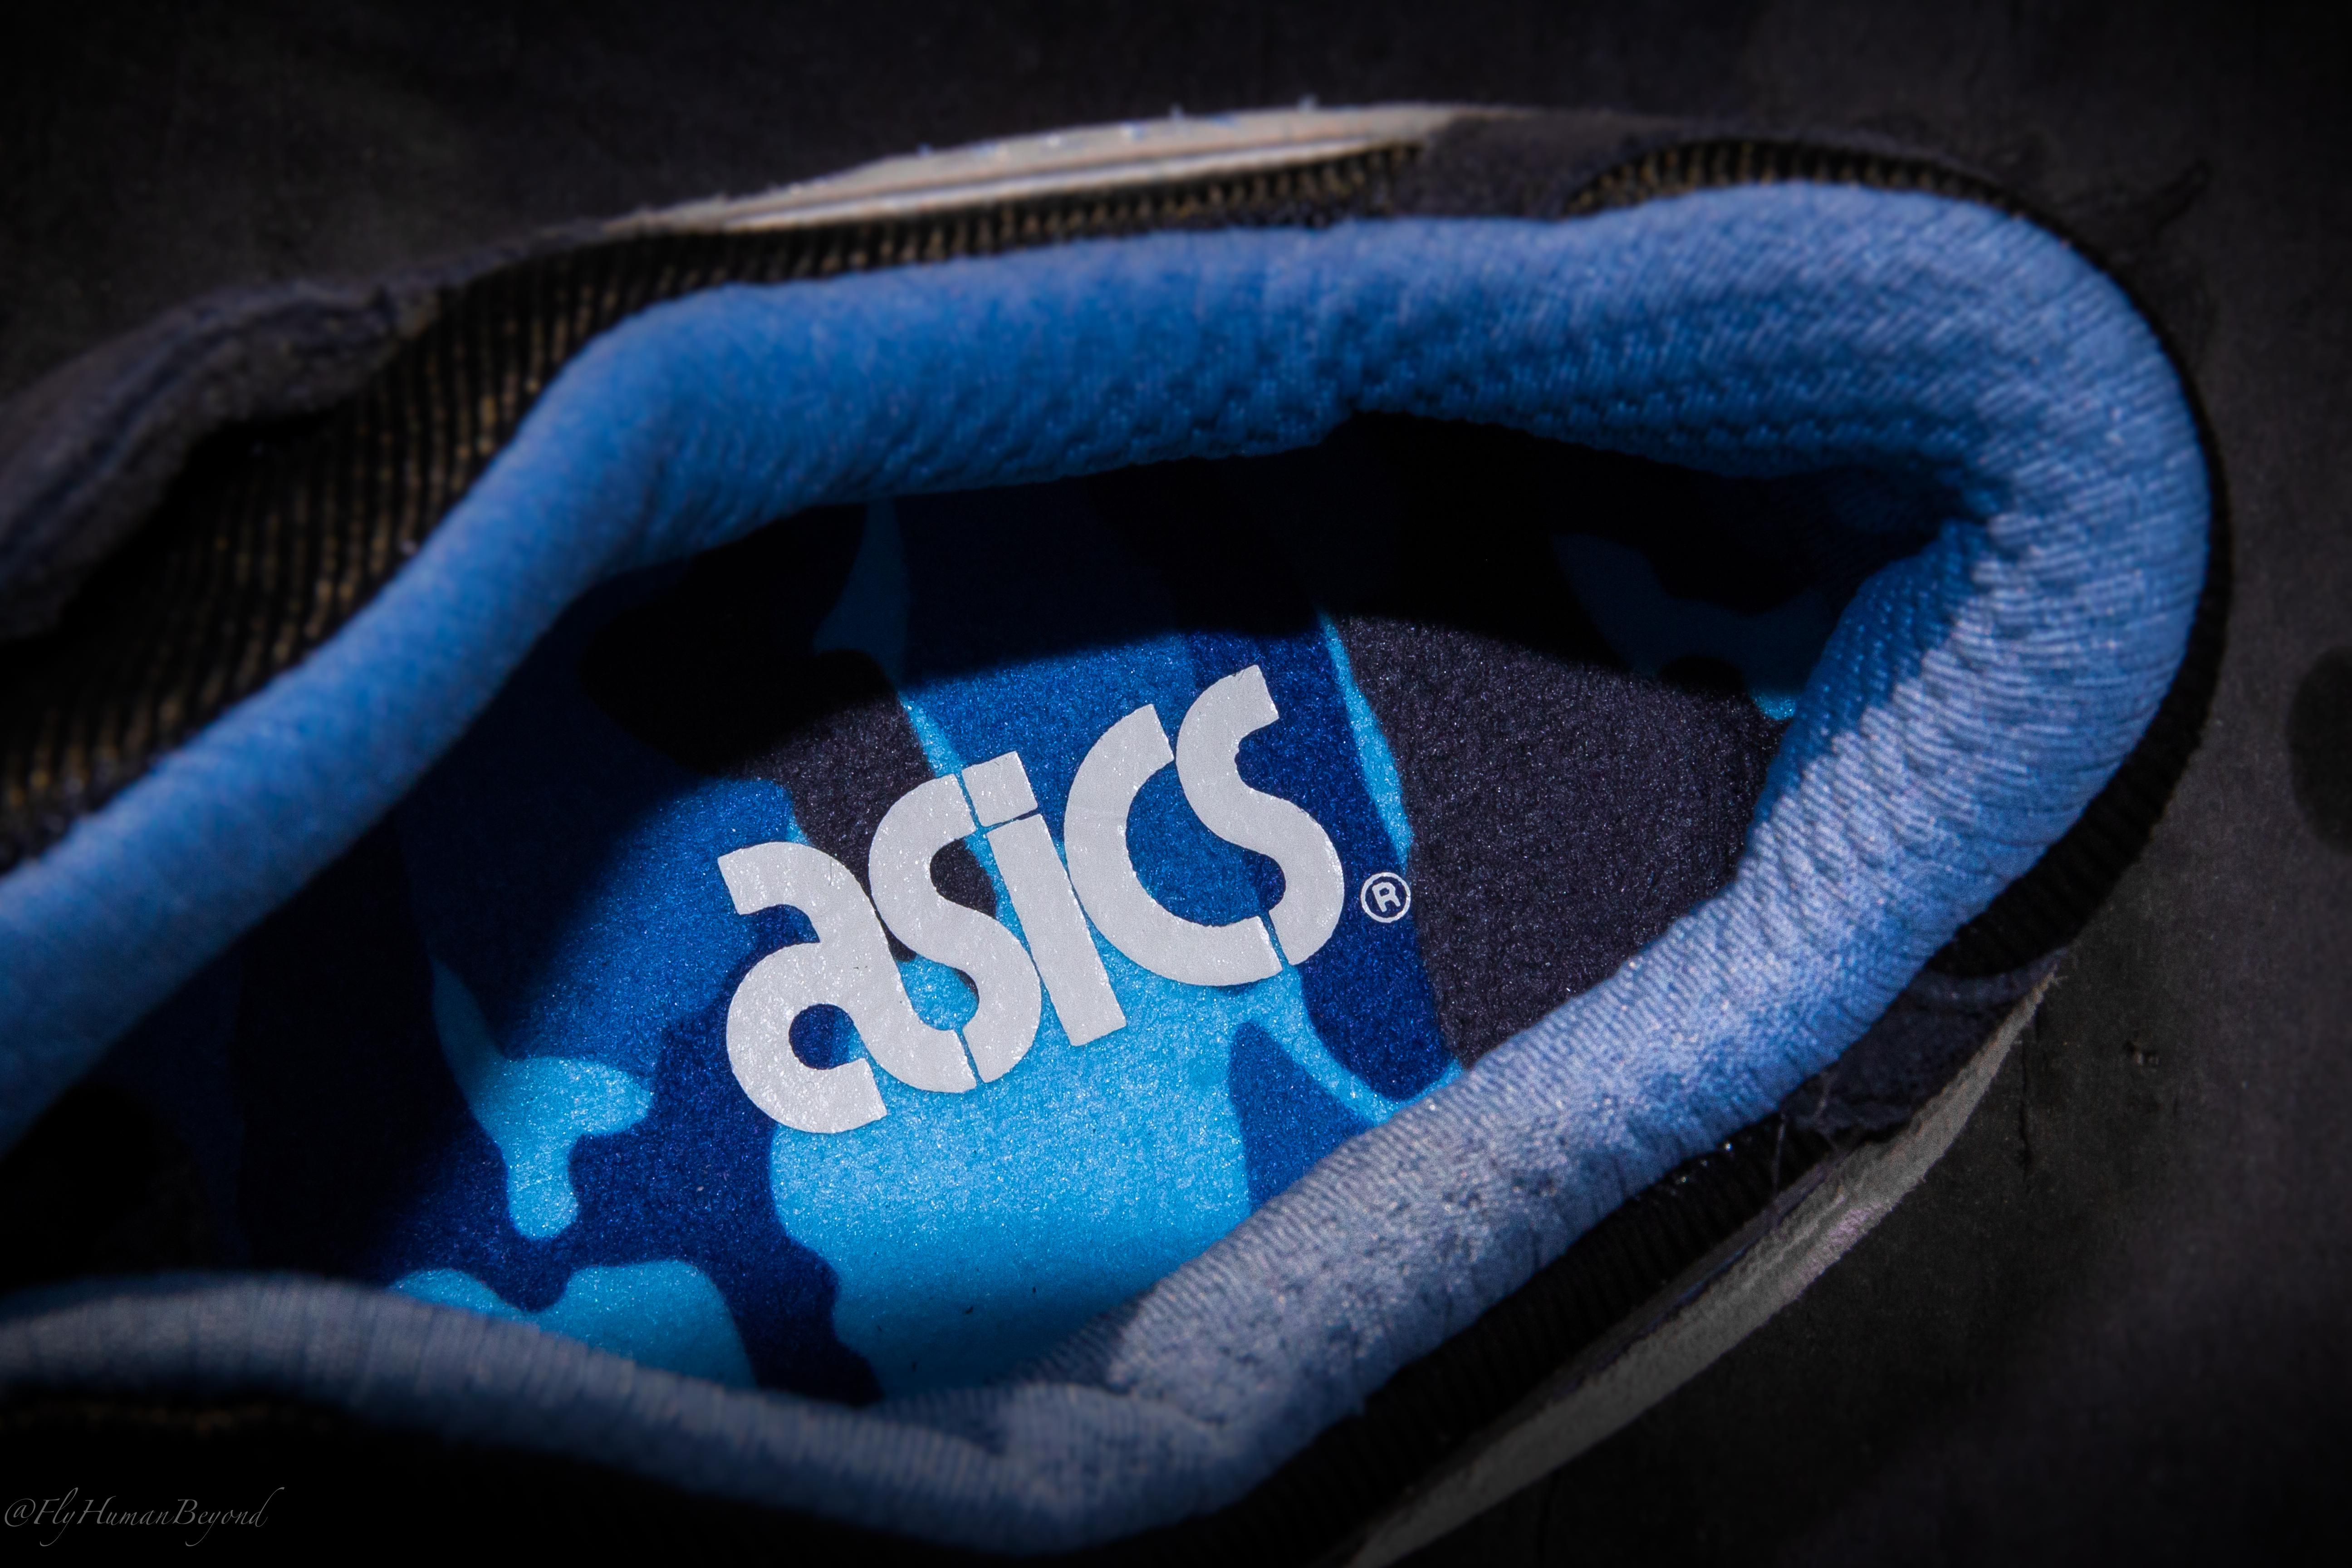 Asics Gel De Lyte Iii Paquete De Camuflaje (gris / Azul Capitán) 17DNiX